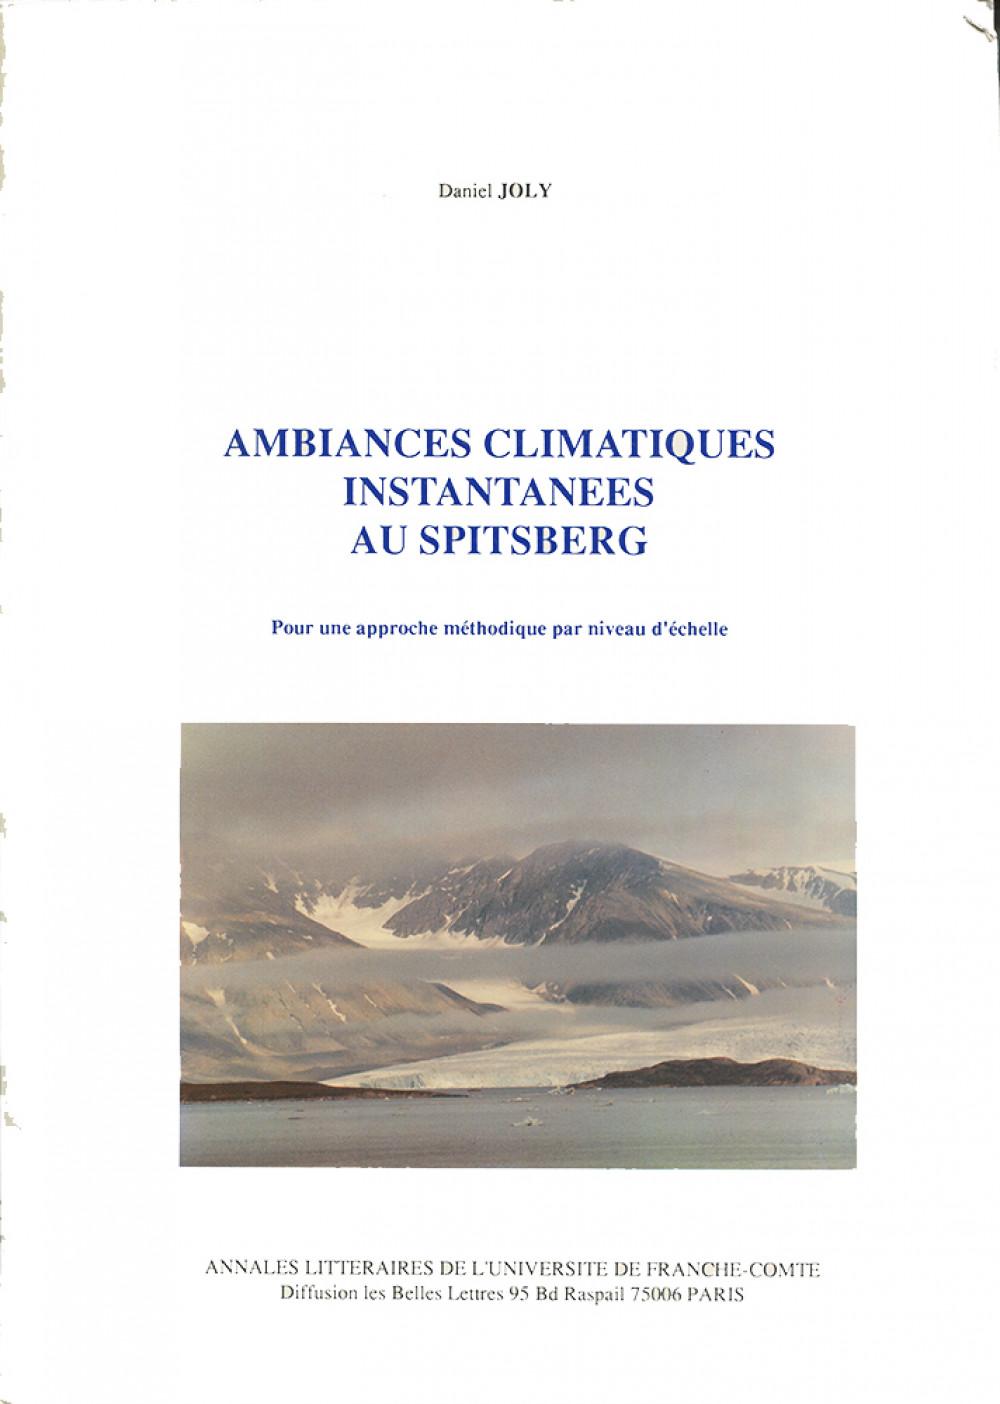 Ambiances climatiques instantanées au Spitsberg